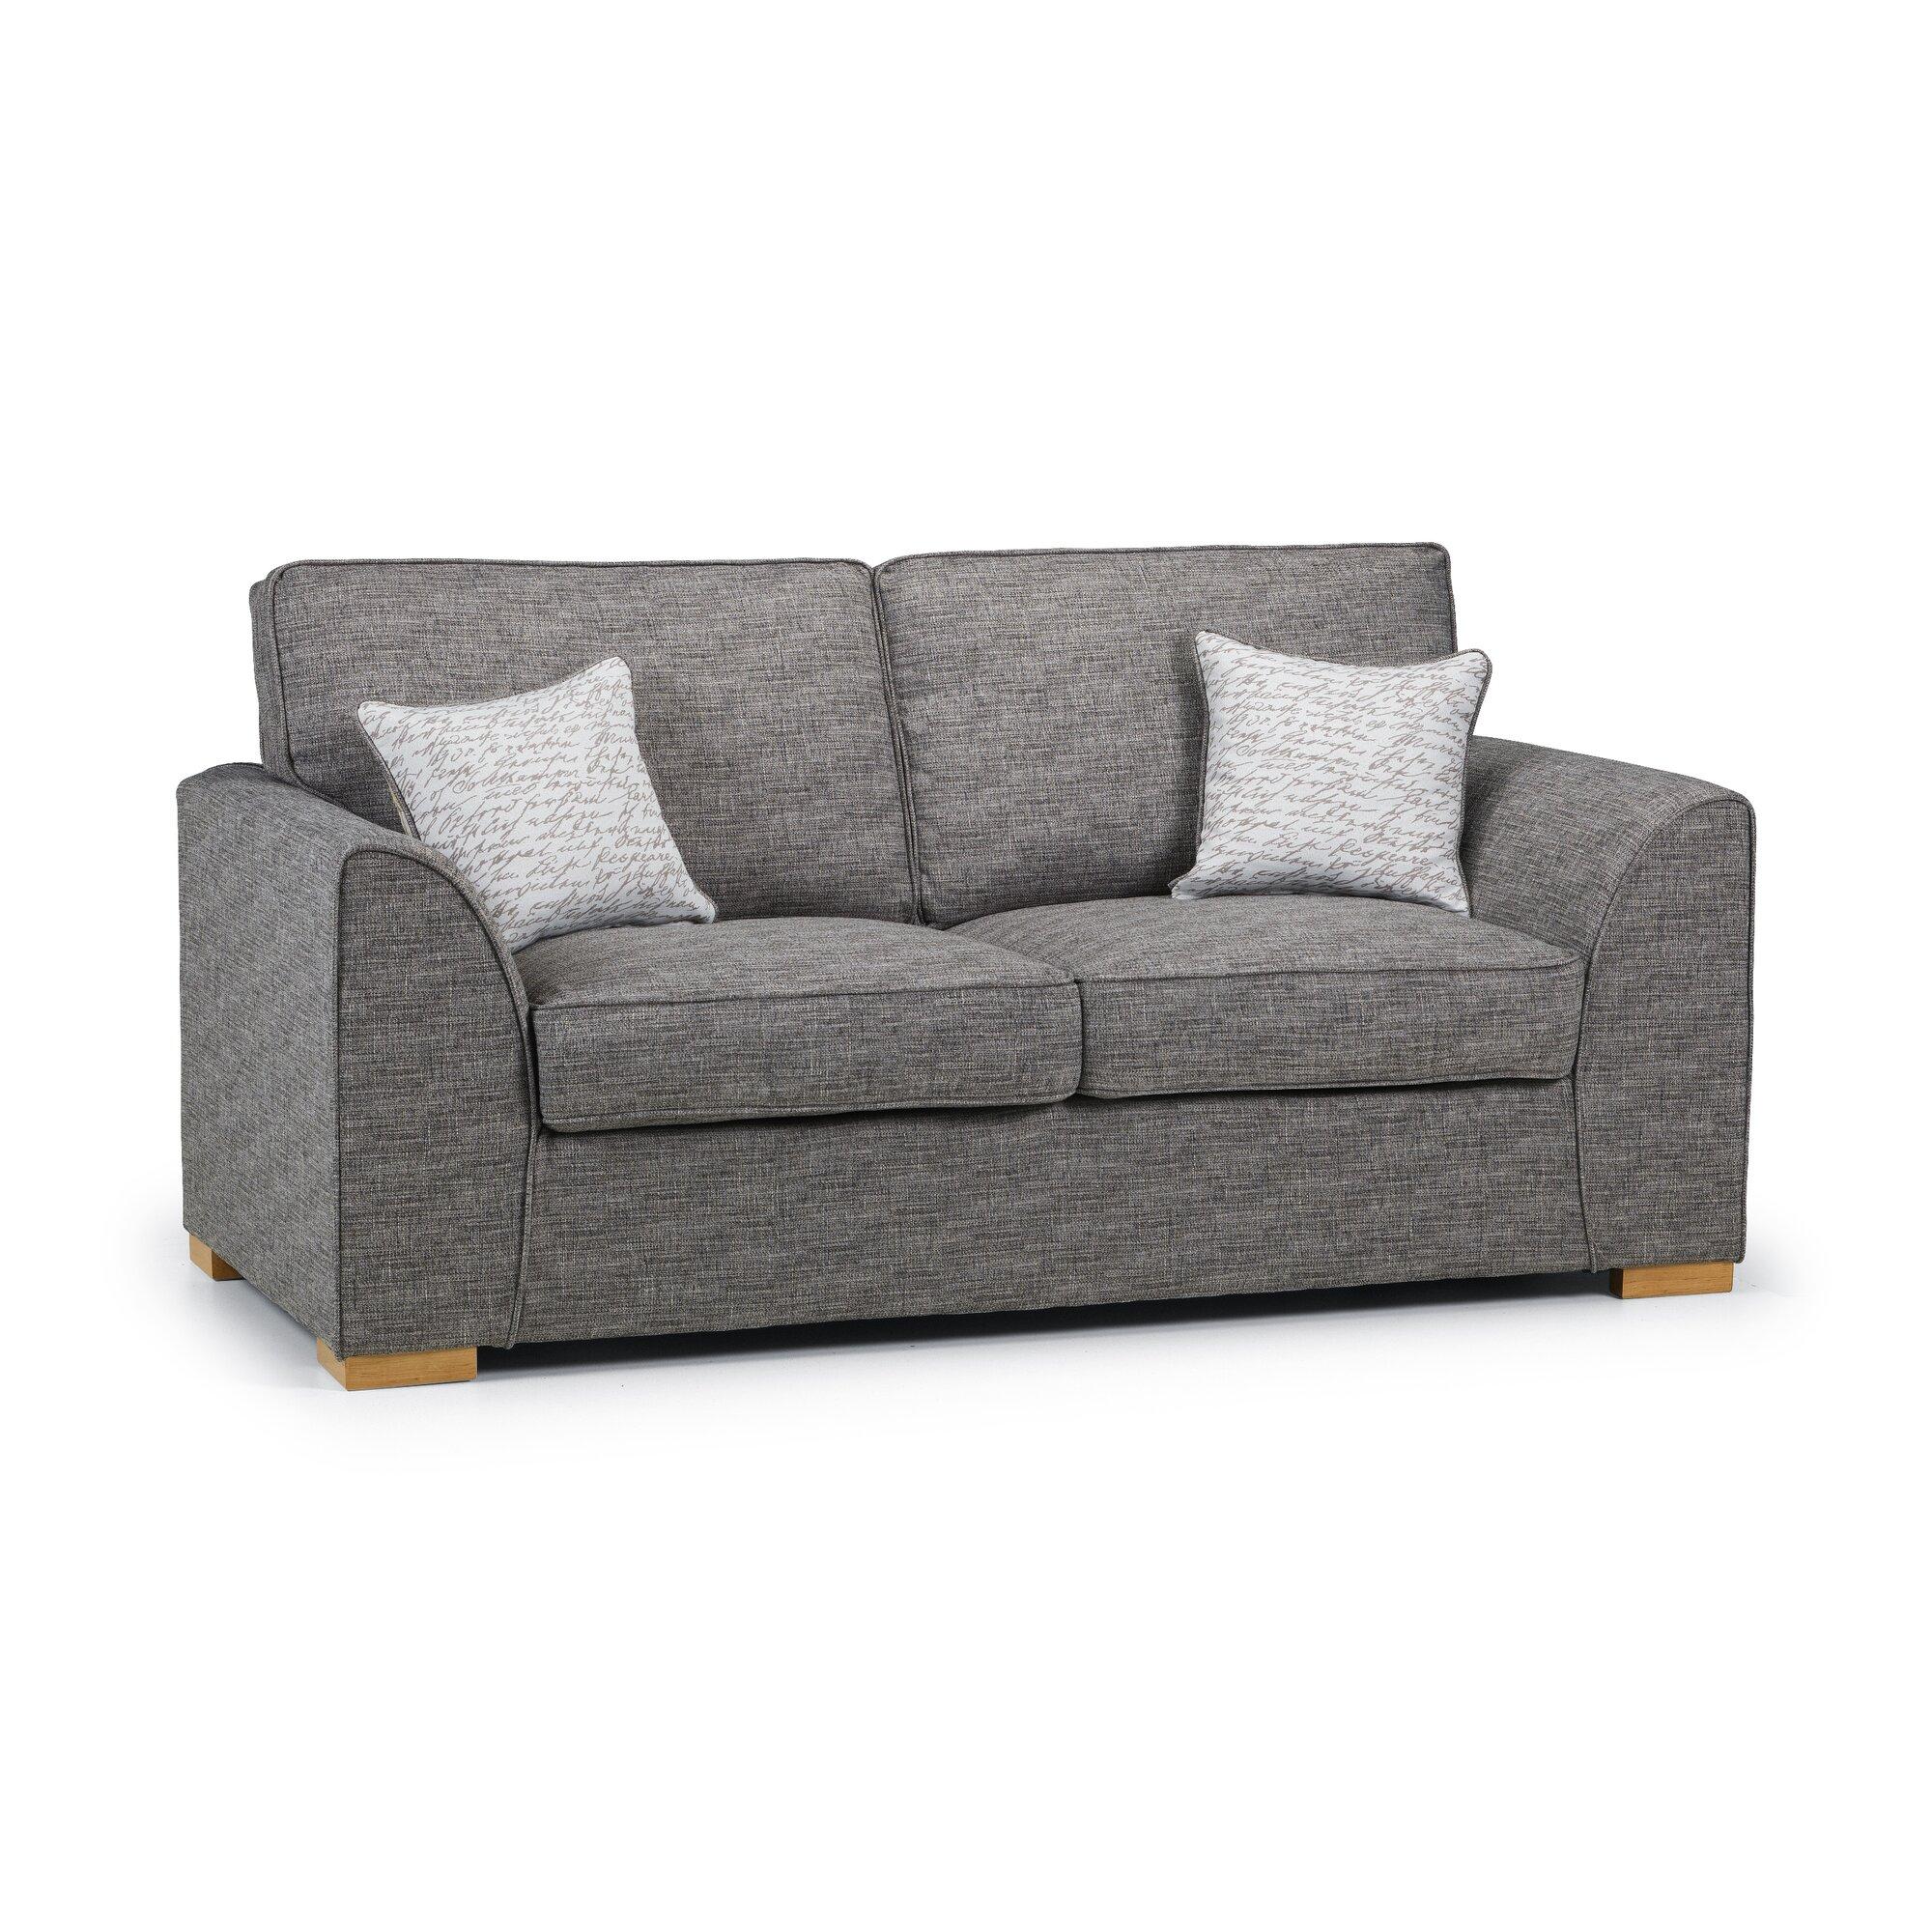 sch ne 2 sitzer schlafsofa bilder erindzain. Black Bedroom Furniture Sets. Home Design Ideas